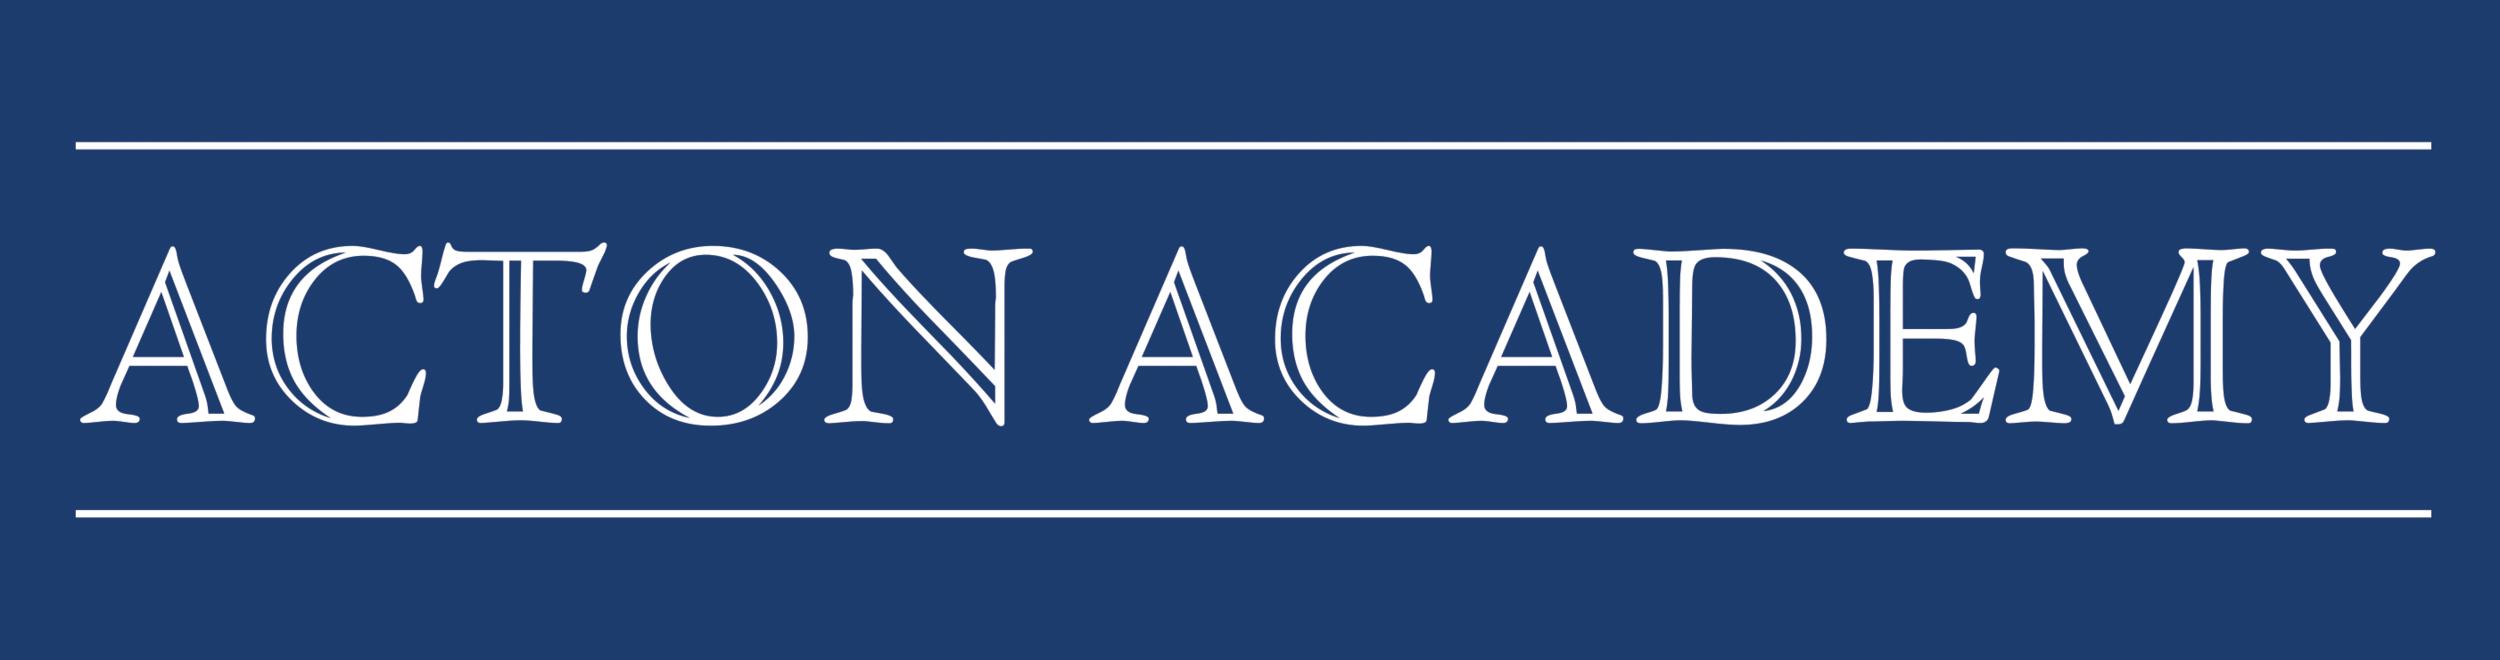 Acton Academy